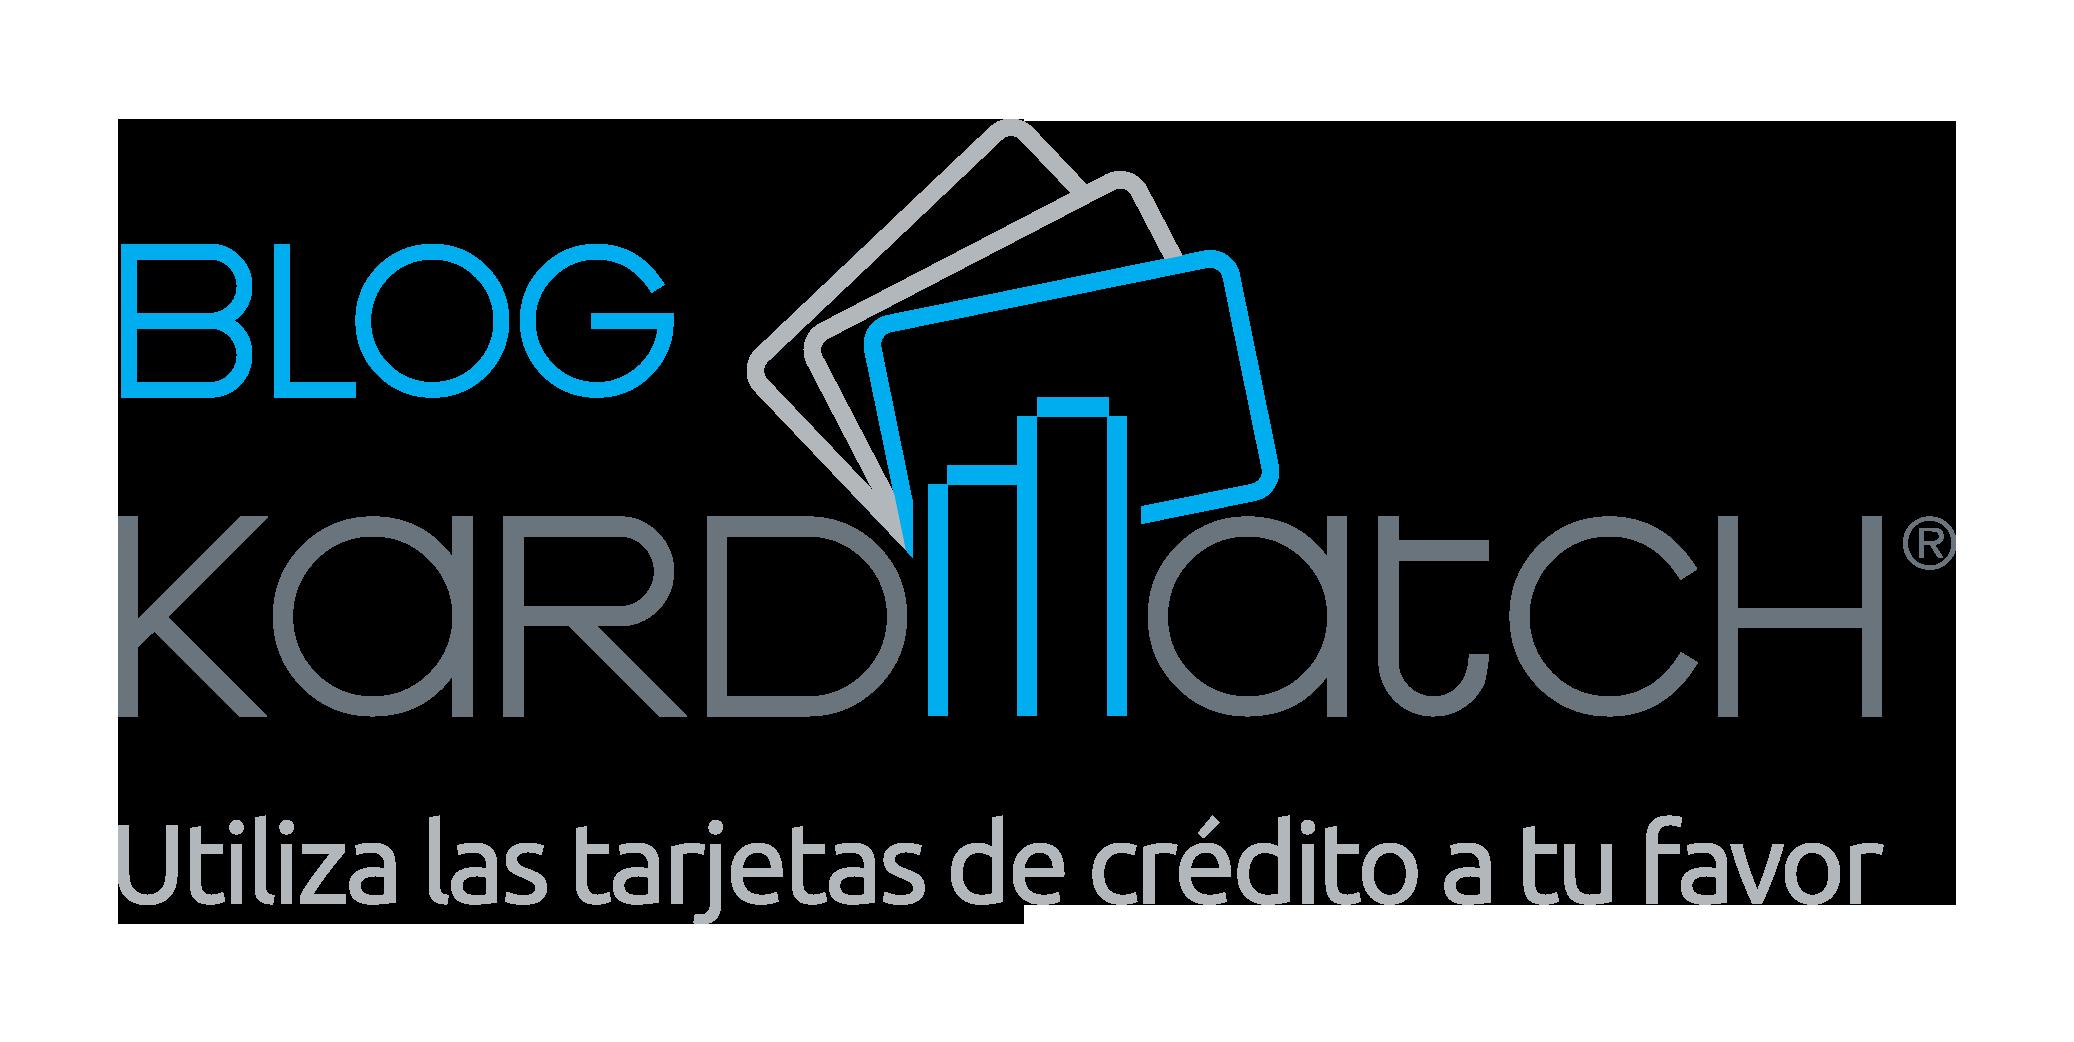 logo-blog-kardmatch.png